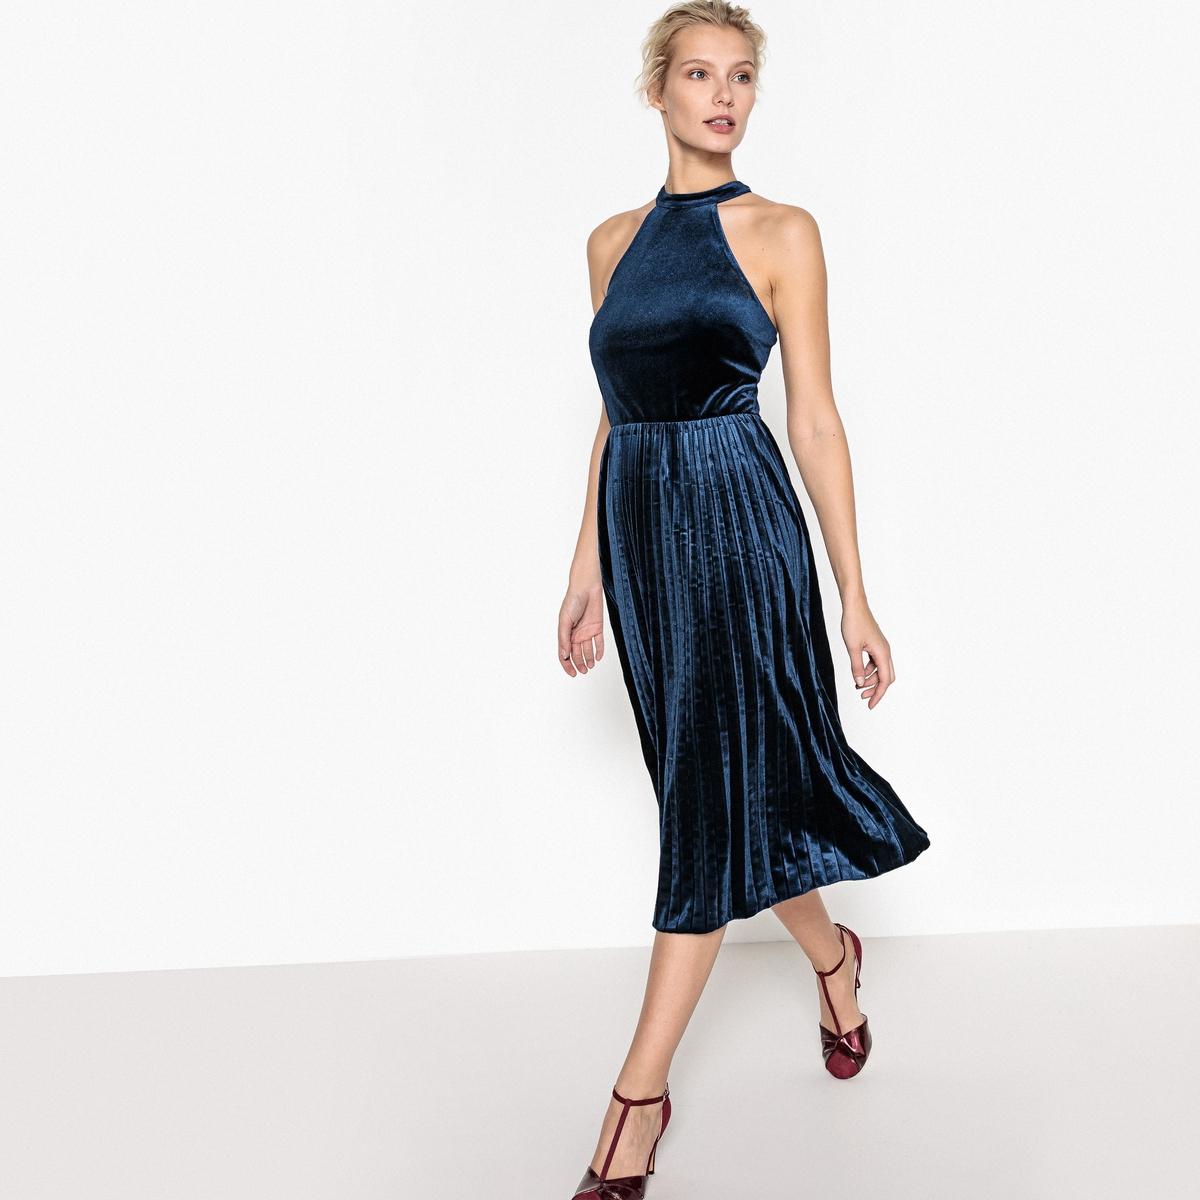 Welurowa sukienka rozkloszowana, dół plisowany